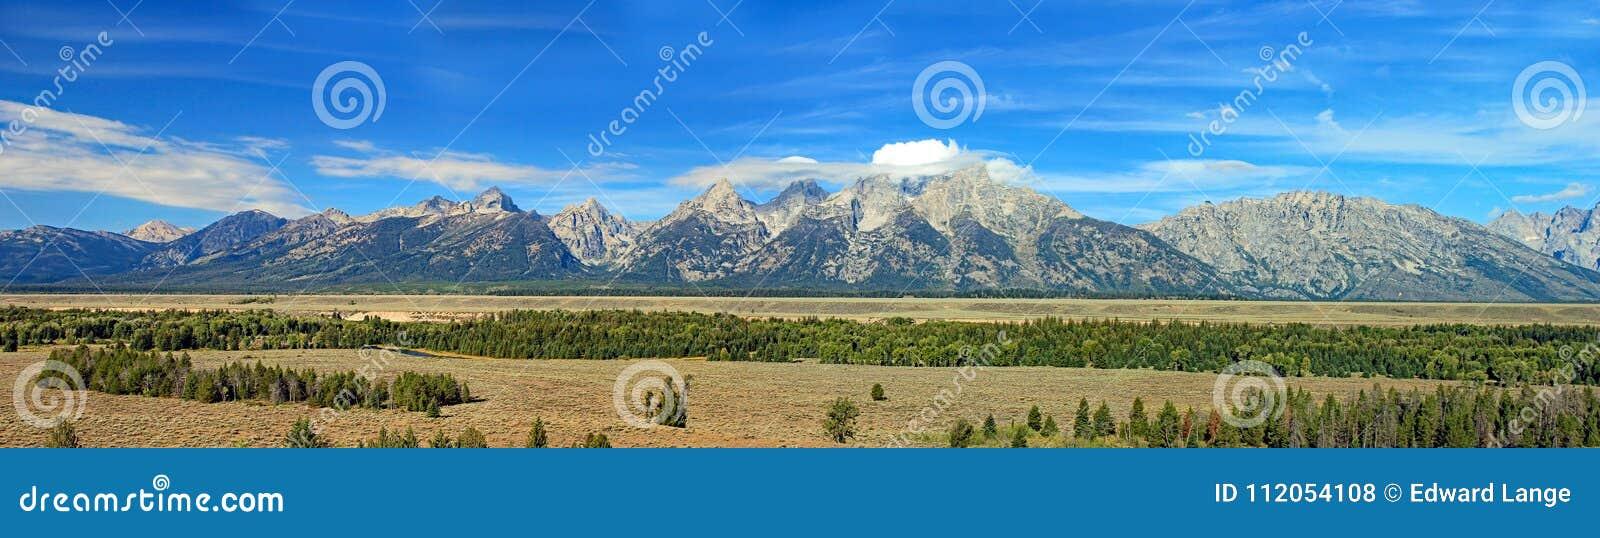 大提顿峰山脉在怀俄明